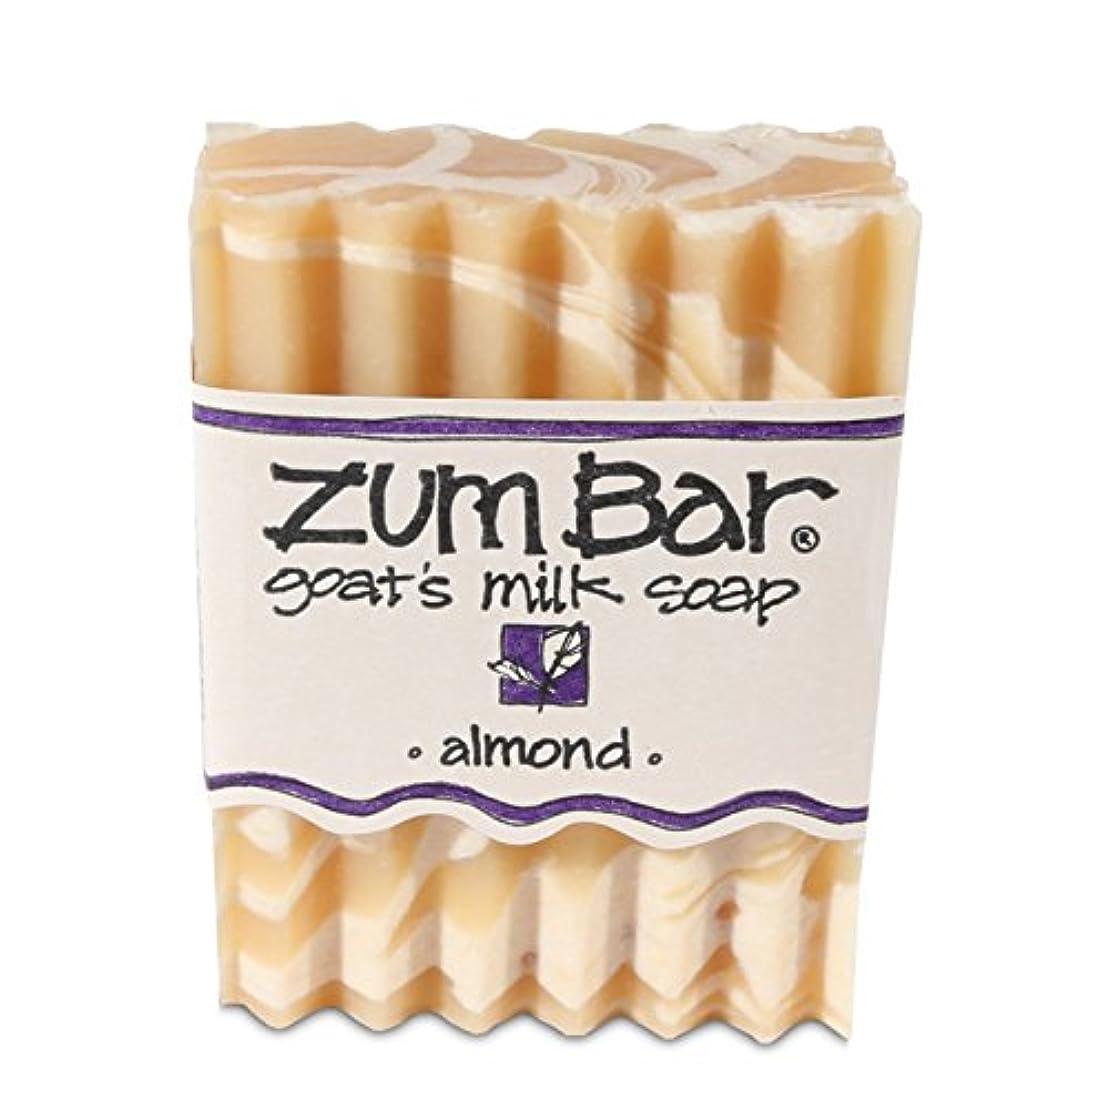 幽霊天使九月海外直送品 Indigo Wild, Zum Bar, Goat's ミルク ソープ アーモンド , 3 Ounces (2個セット) (Almond) [並行輸入品]